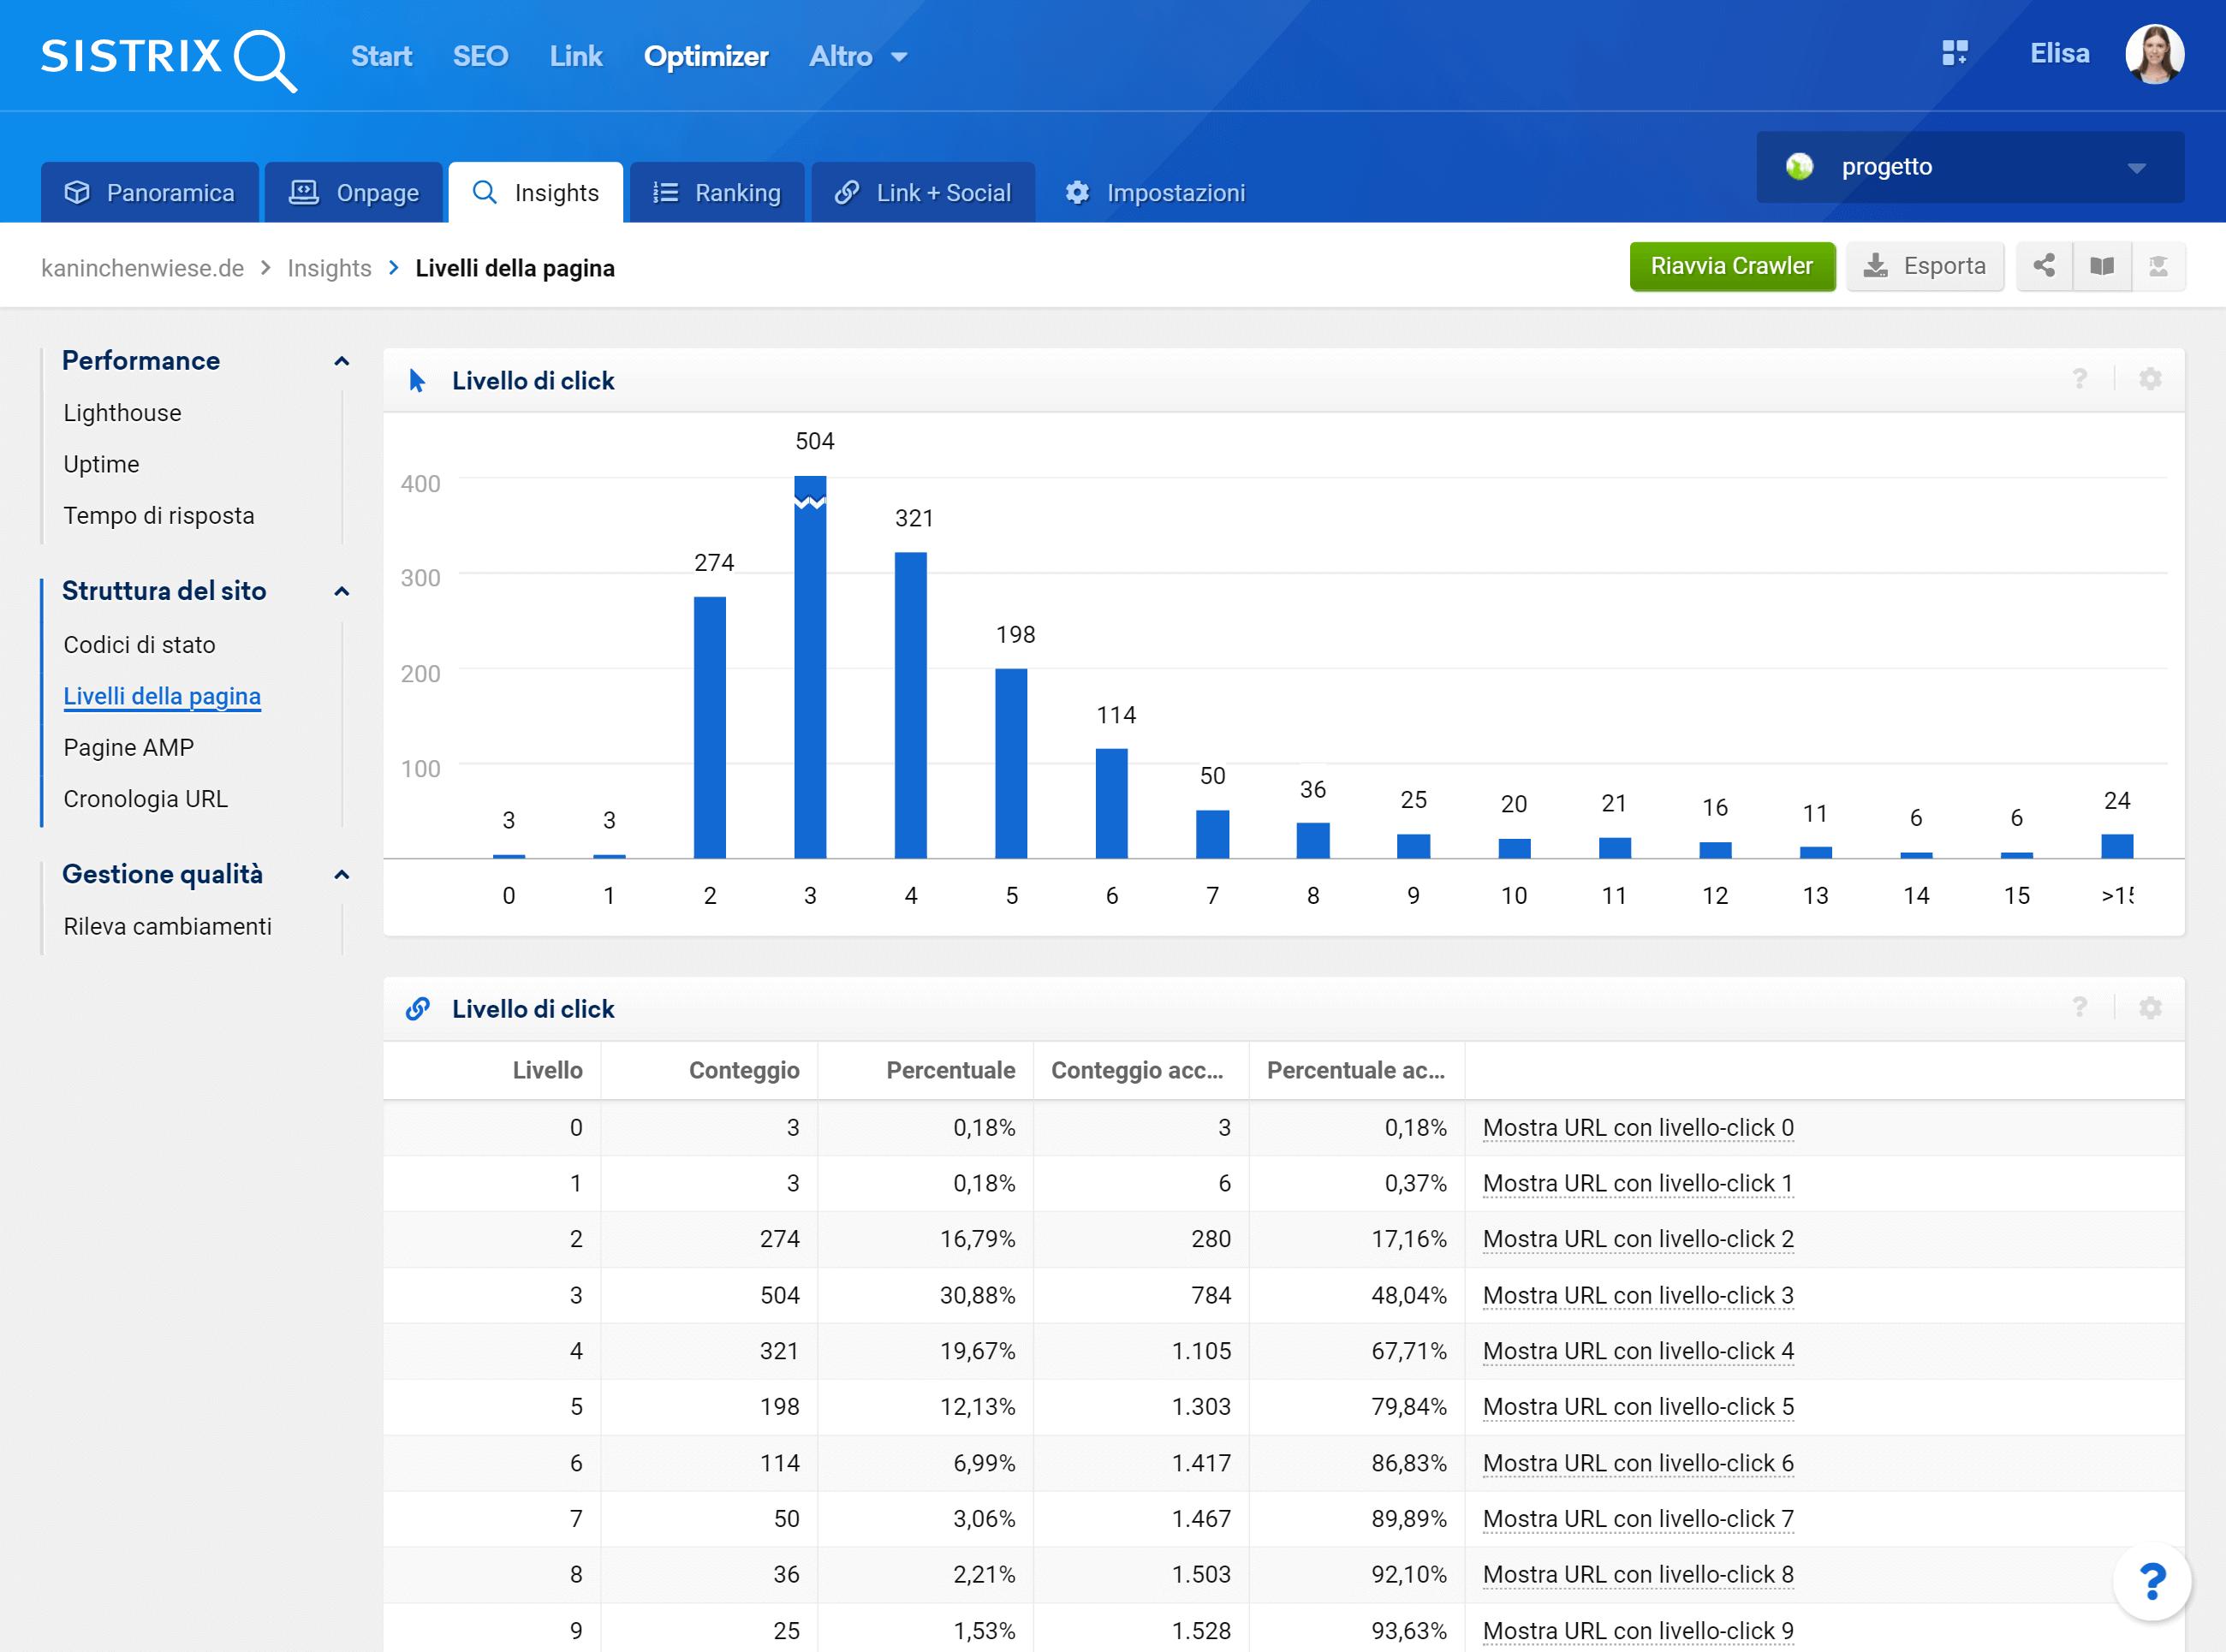 Misurare la Page Depth nell'Optimizer di SISTRIX